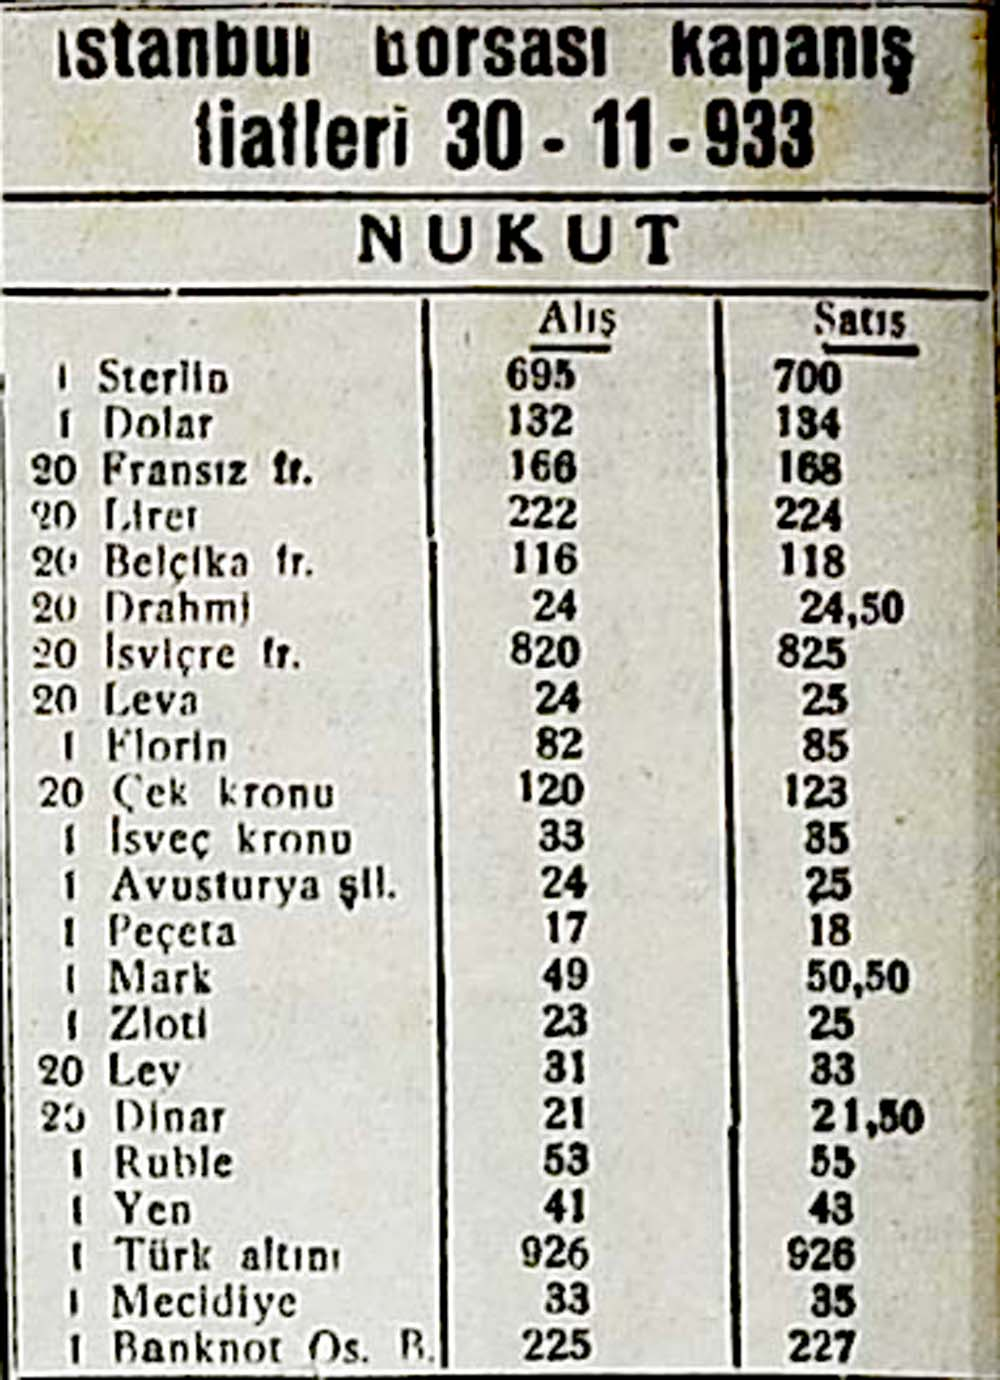 İstanbul borsası kapanış fiatleri 30-11-933